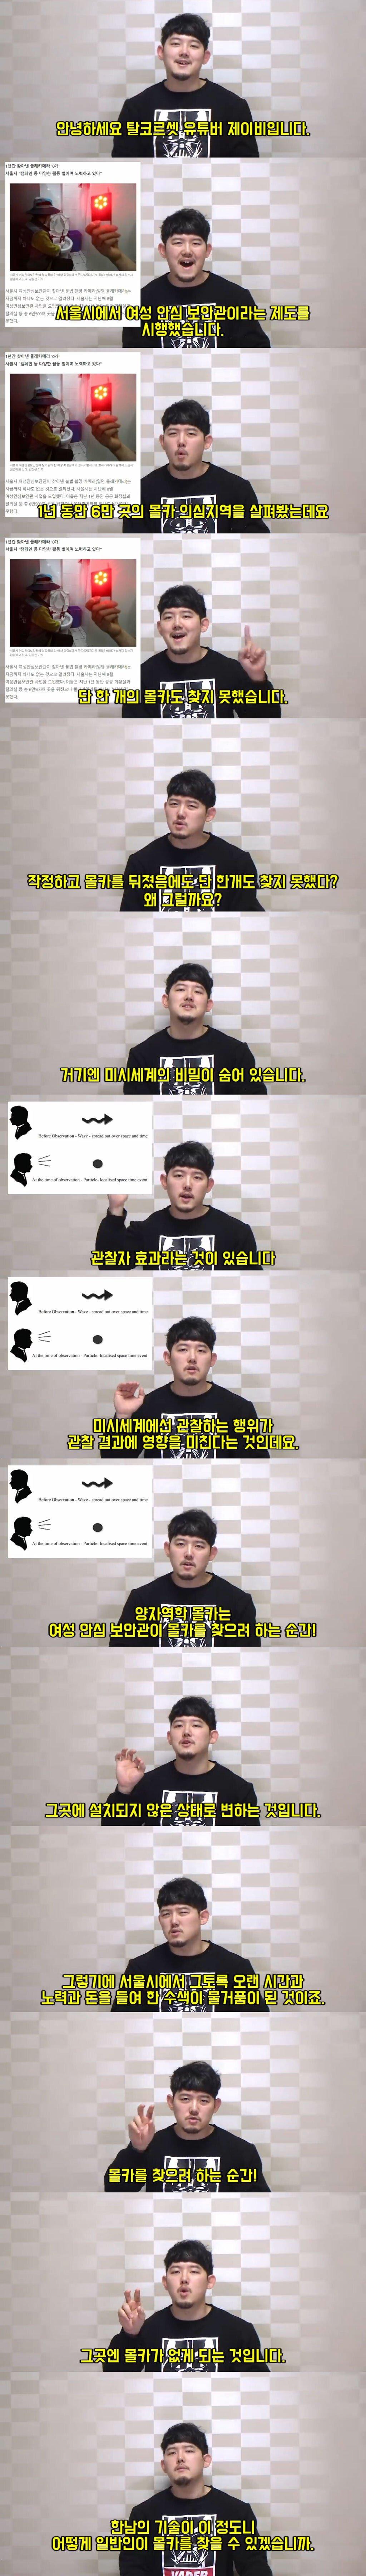 서울시 여성 안심 보안관이 몰카를 단 한개도 못찾은 이유